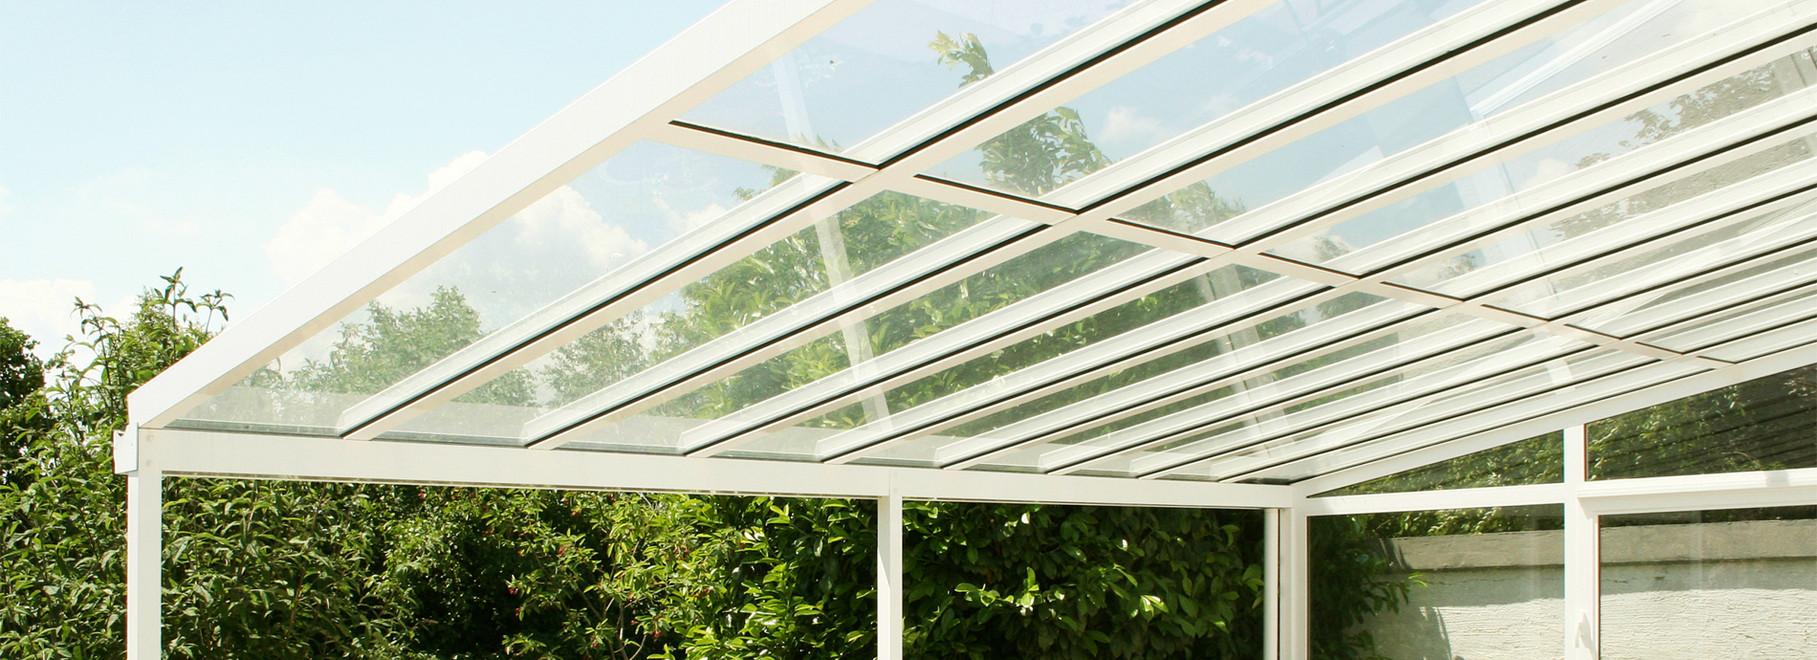 Terrassendach Kosten & Preis - Paquet Wintergarten